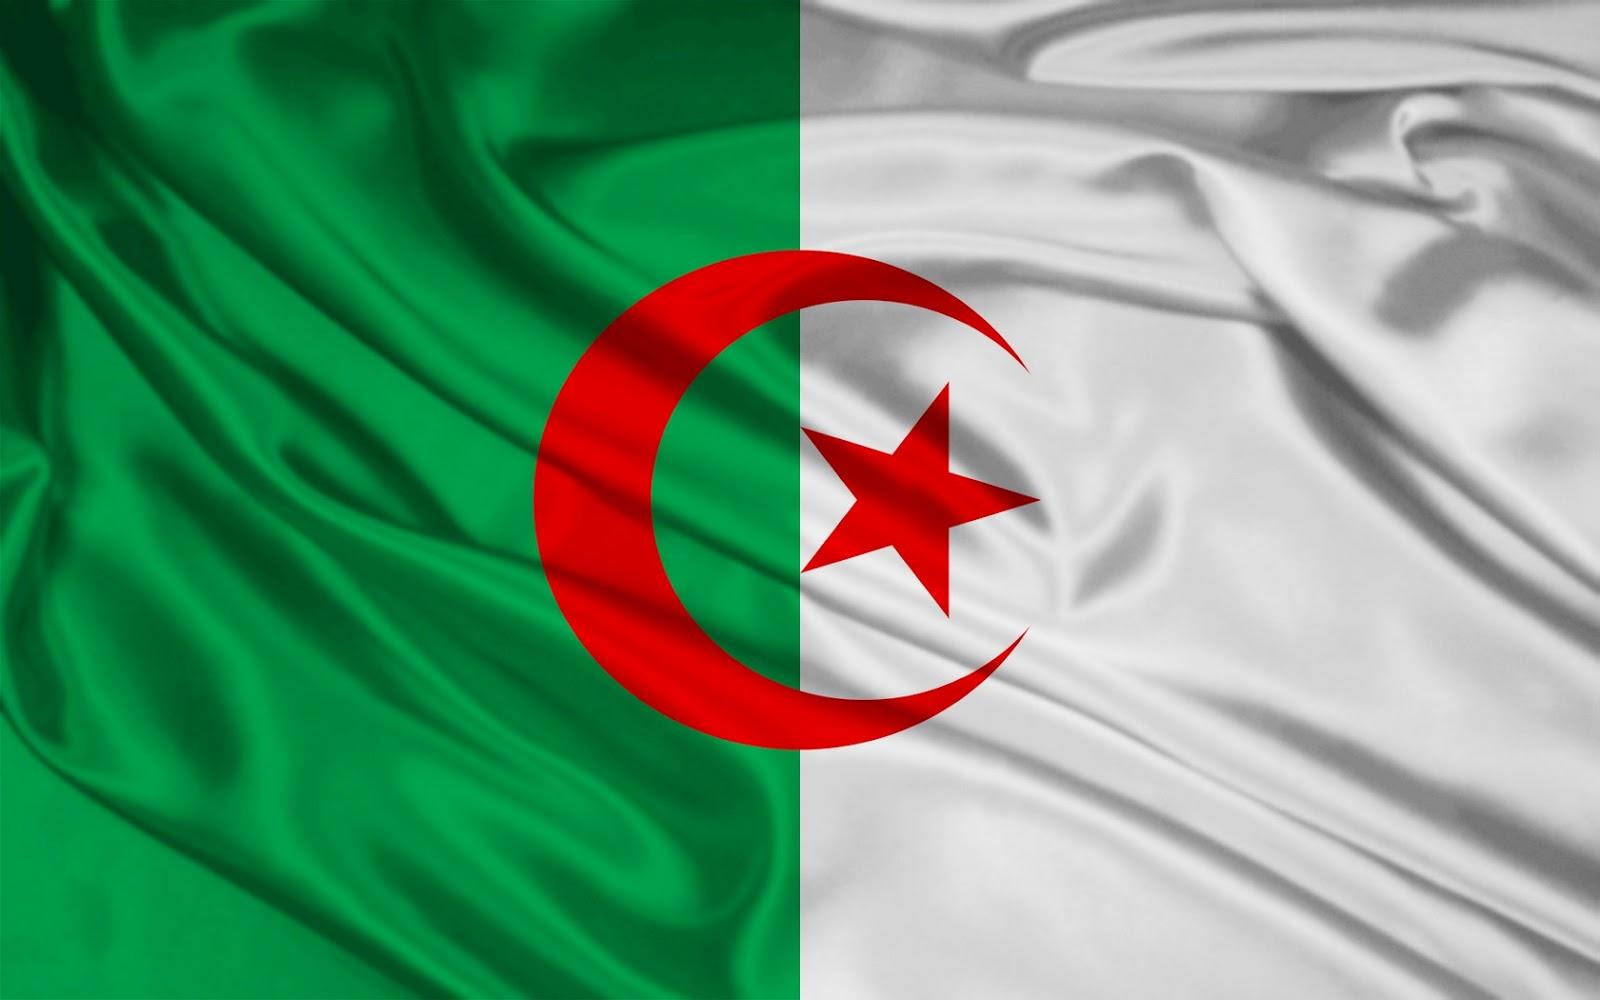 صور علم الجزائر , خلفيات ورمزيات الجزائر , صور متحركة لعلم الجزائر 2016 , Algeria new_1422333361_172